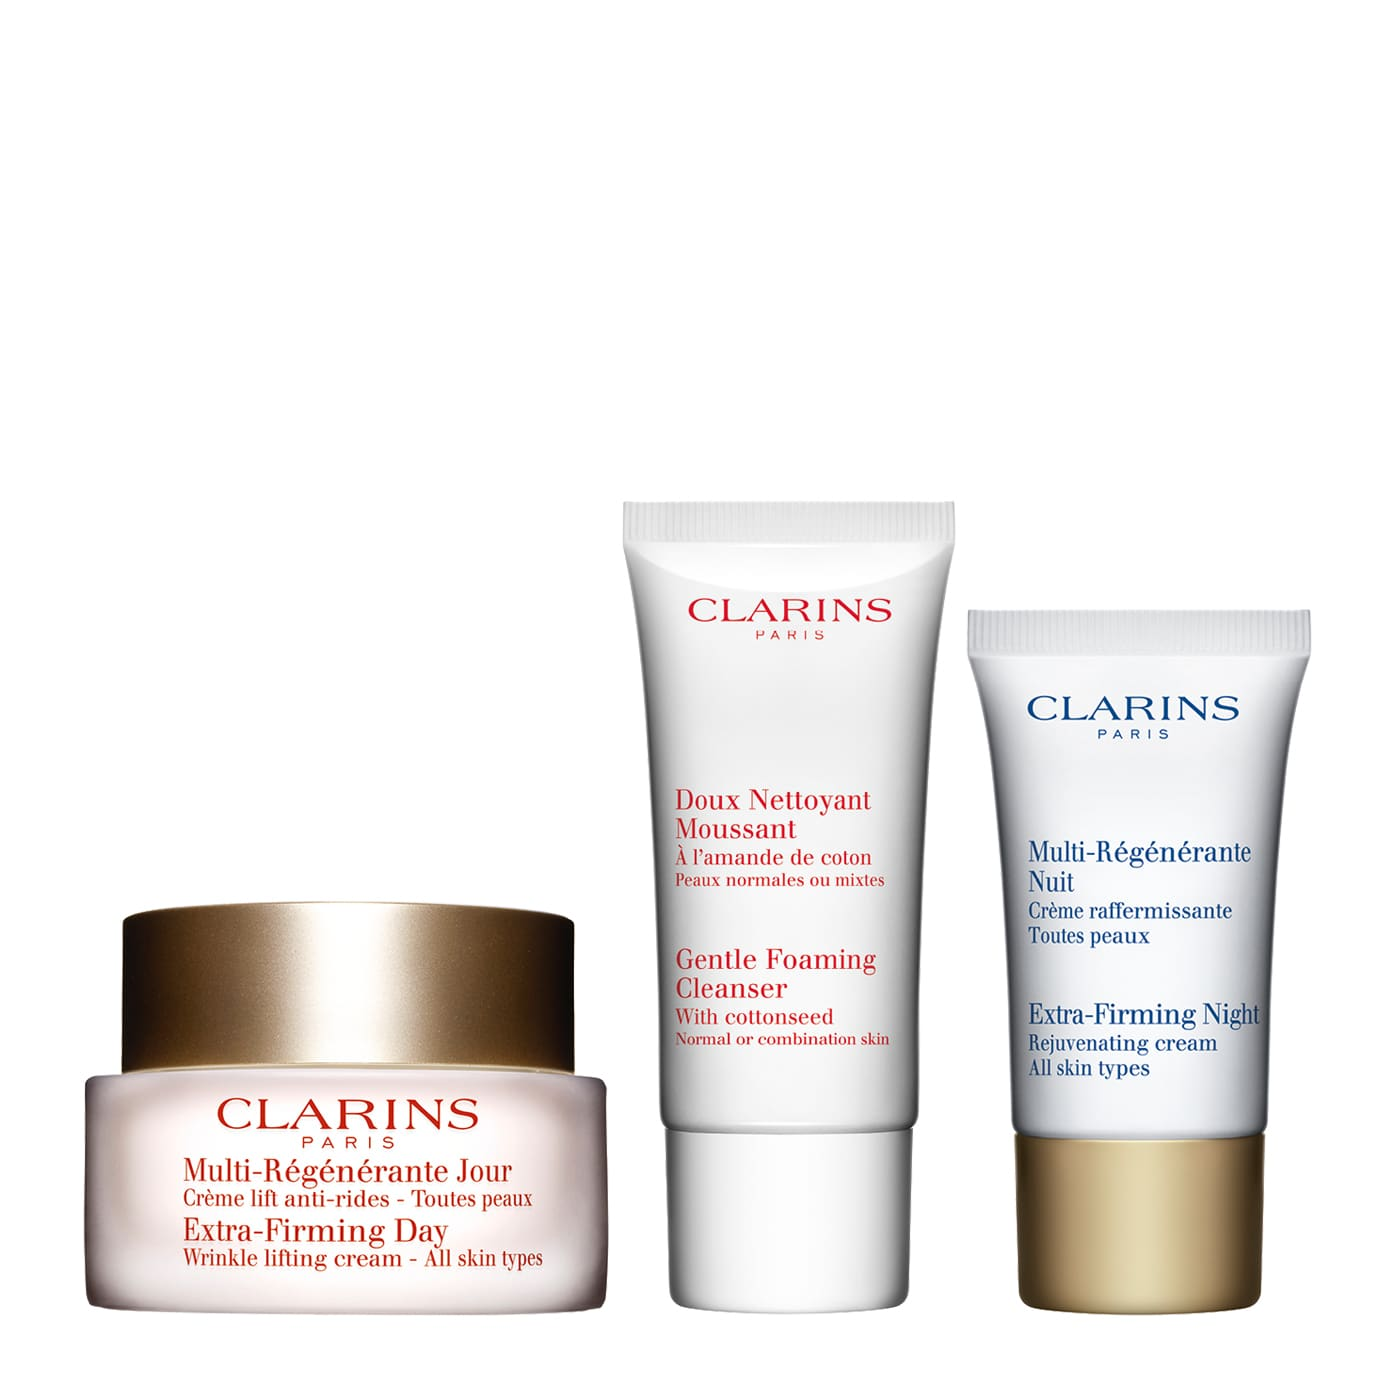 Coffret Multi-Régénérante de Clarins - Soin de jour Sephora